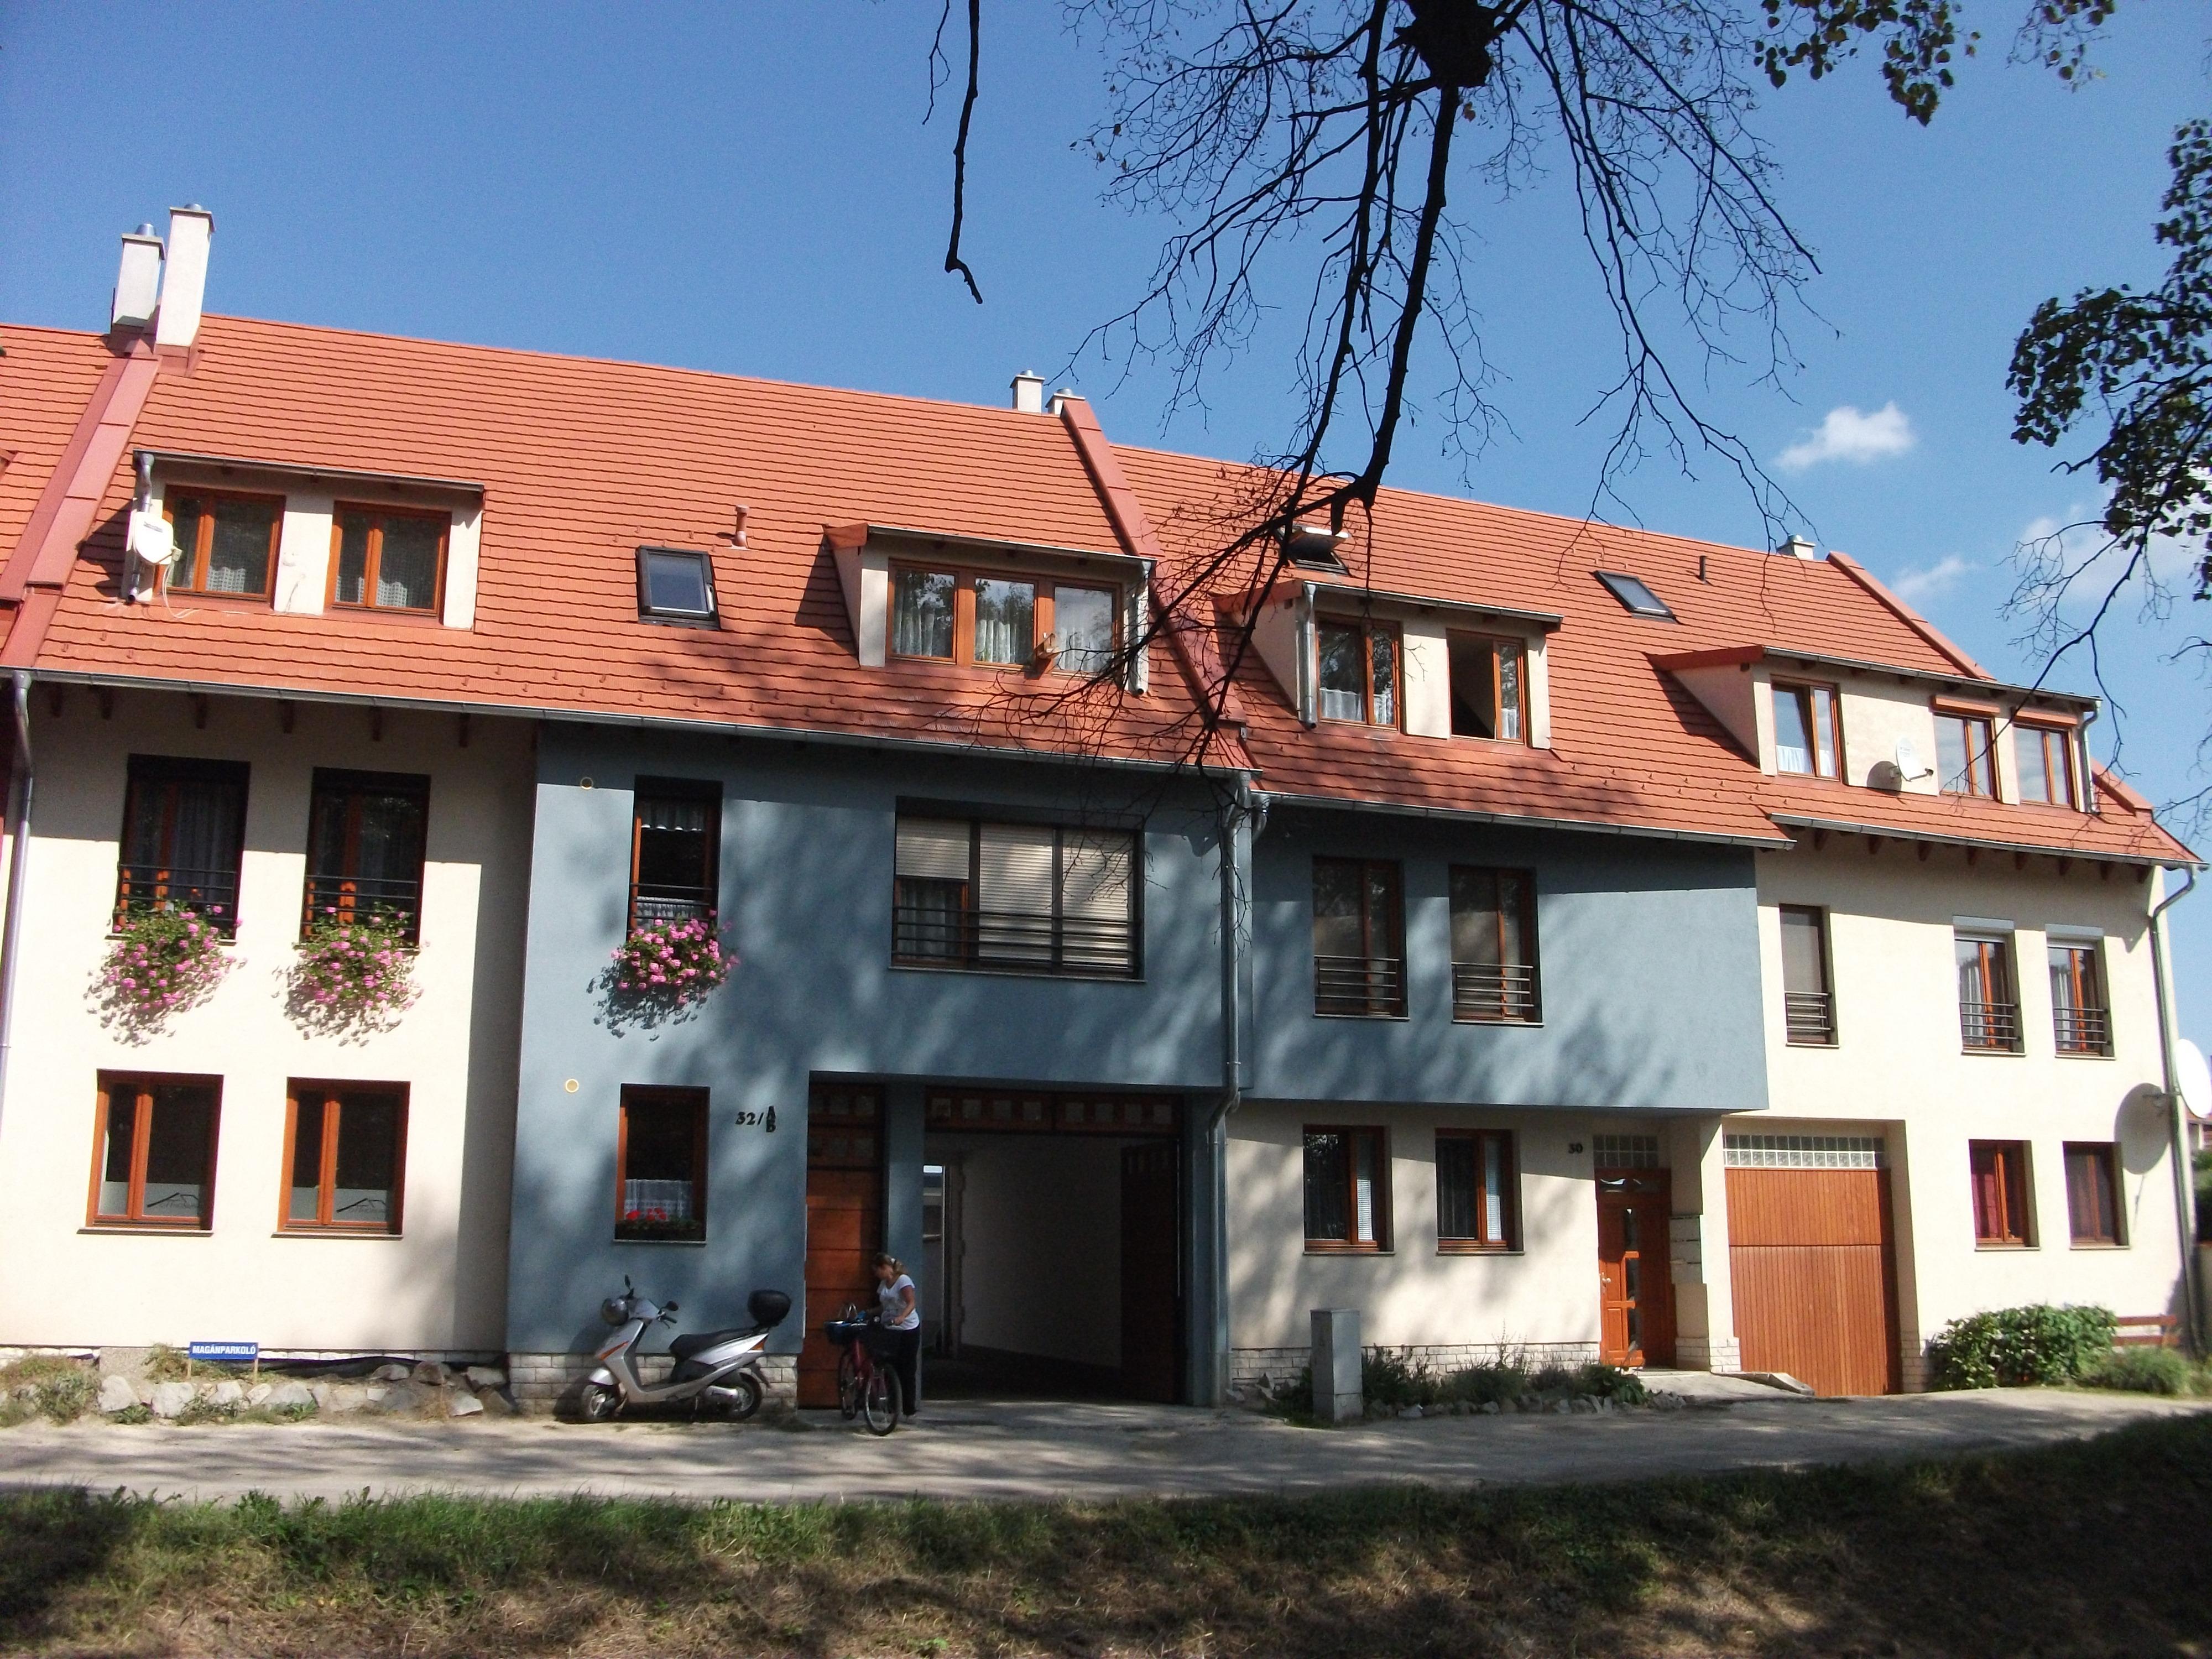 Paprét , 12 lakásos társasház